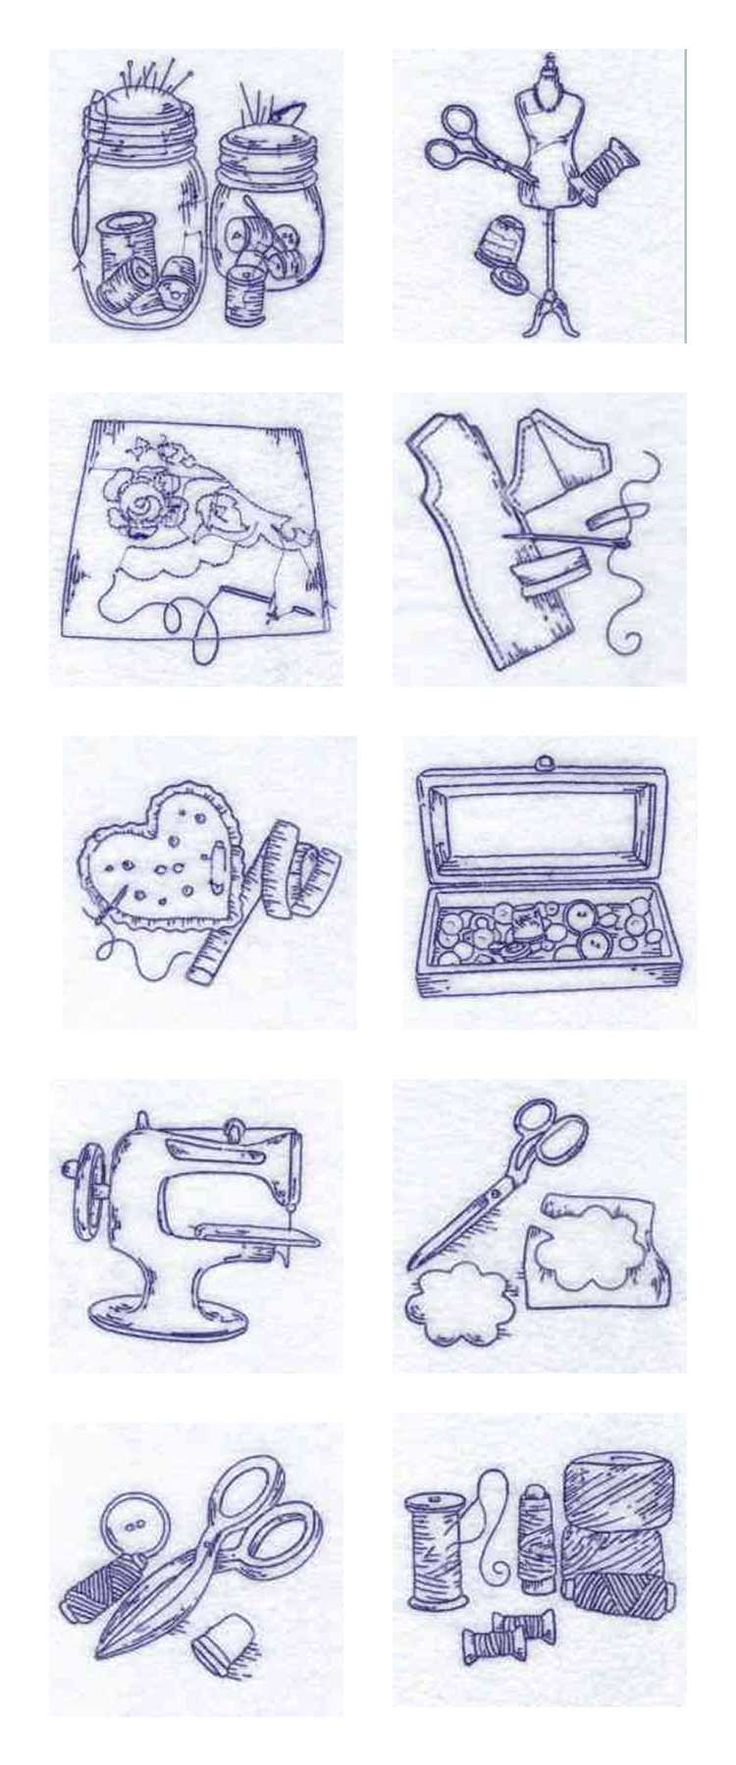 54 mejores imágenes sobre Embroidery en Pinterest   Bordado, Bordado ...